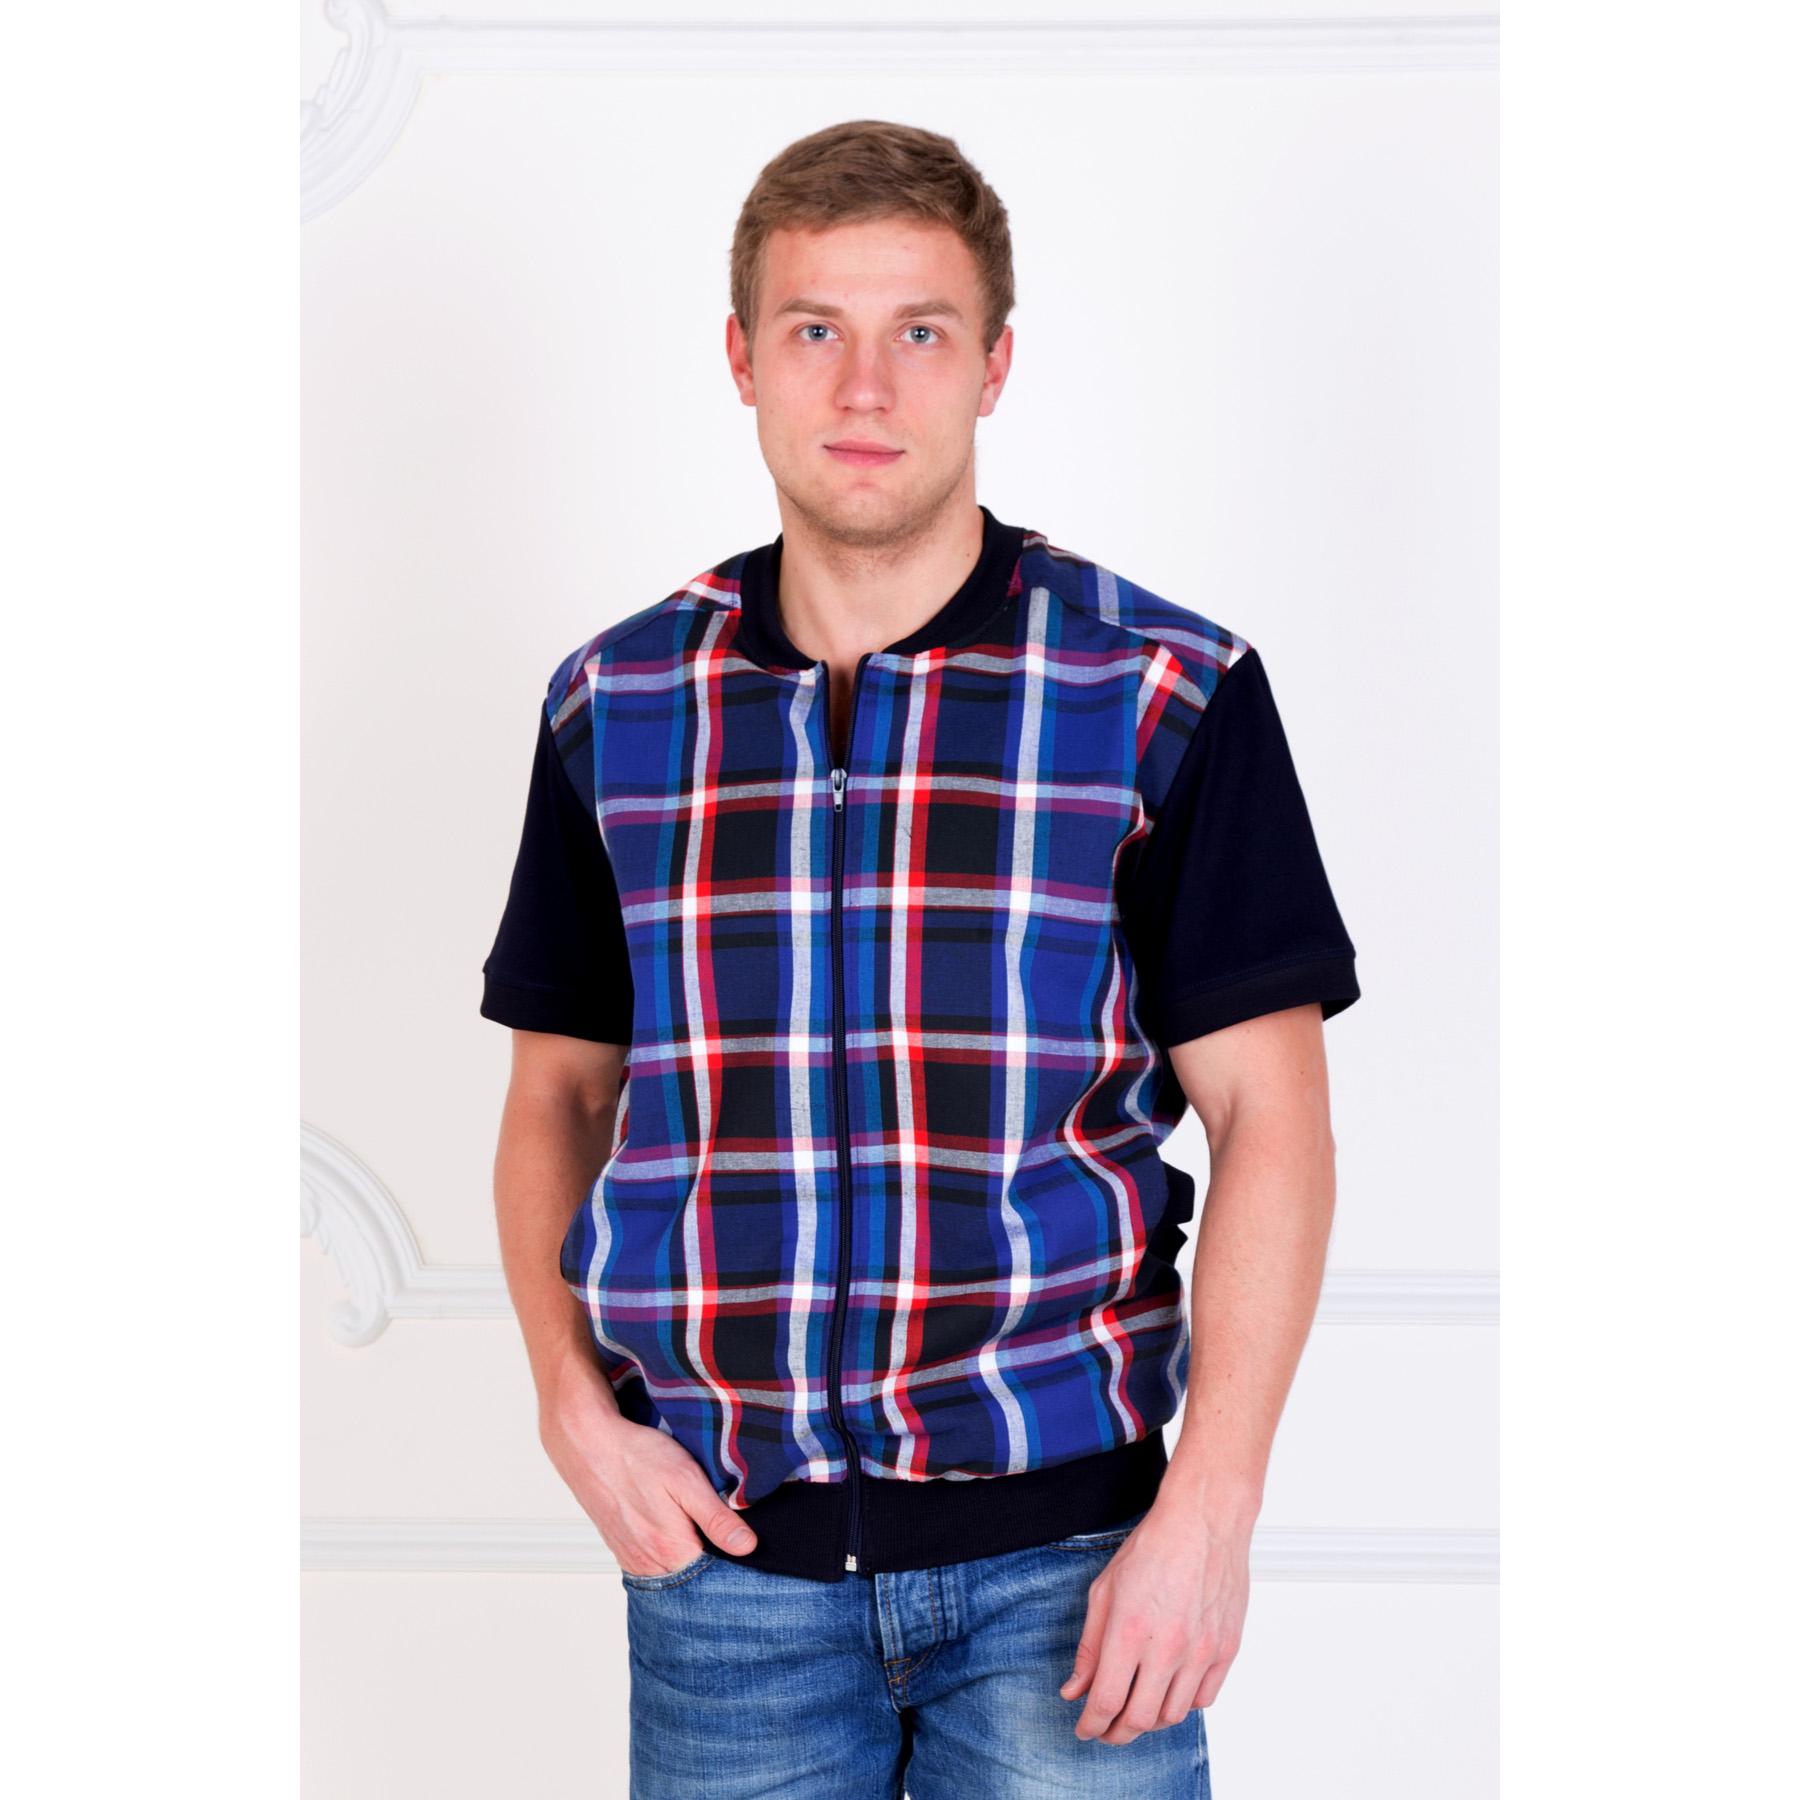 Мужская рубашка «Аполлон» , размер 44 - Мужская одежда артикул: 16675